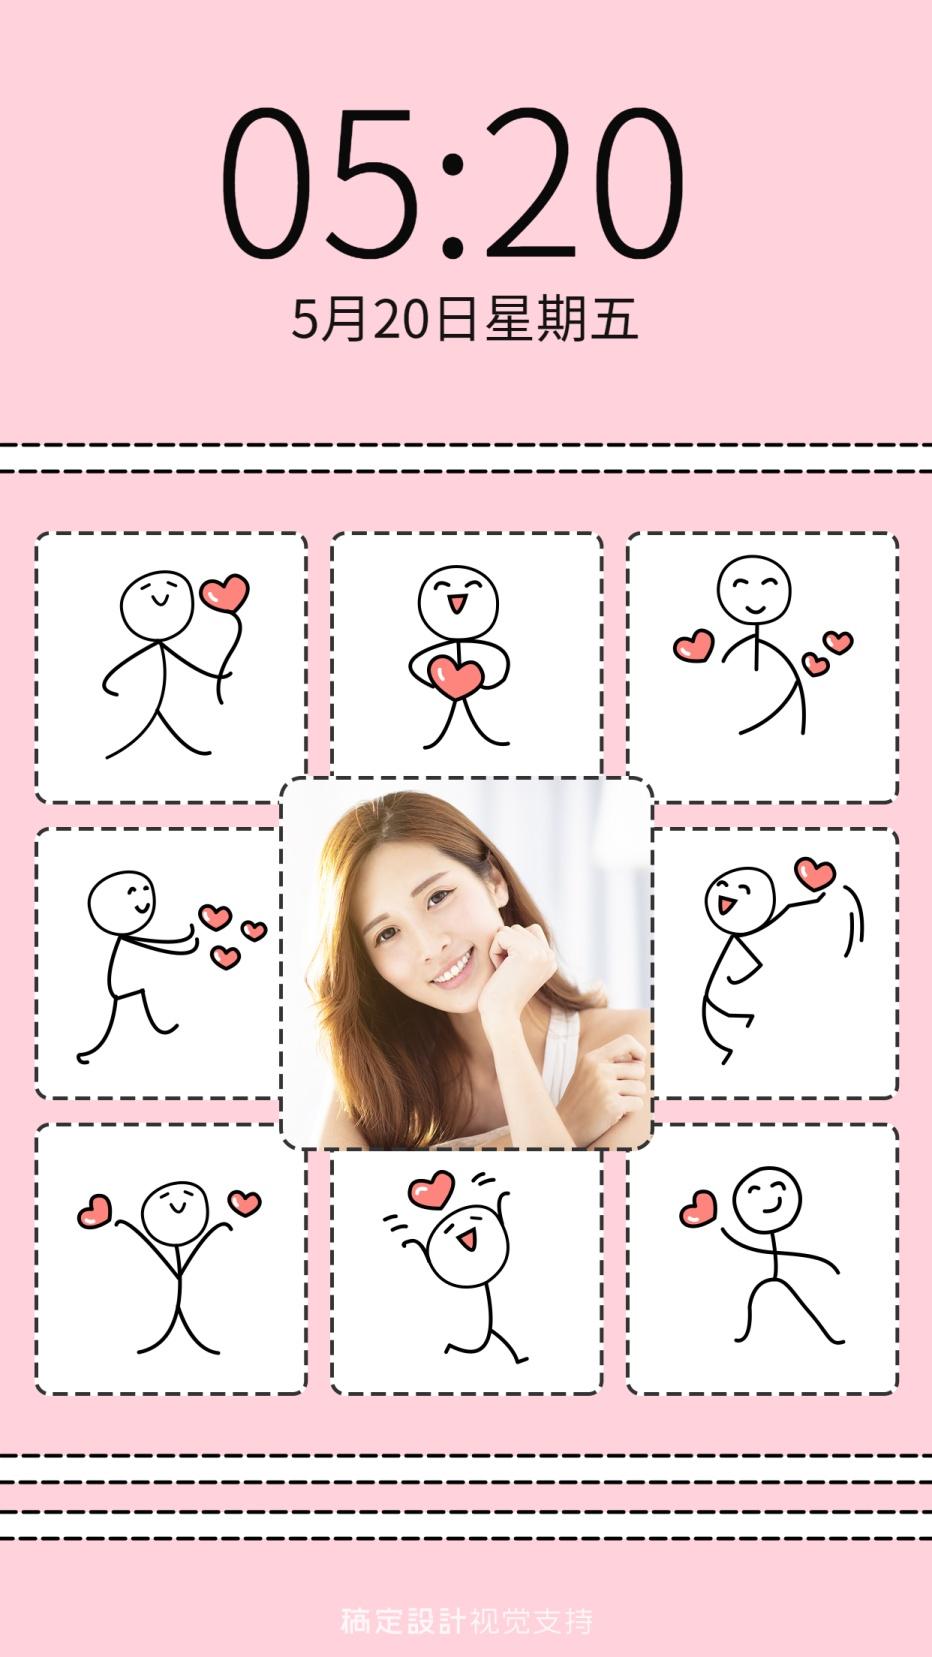 520九宫格海报模板